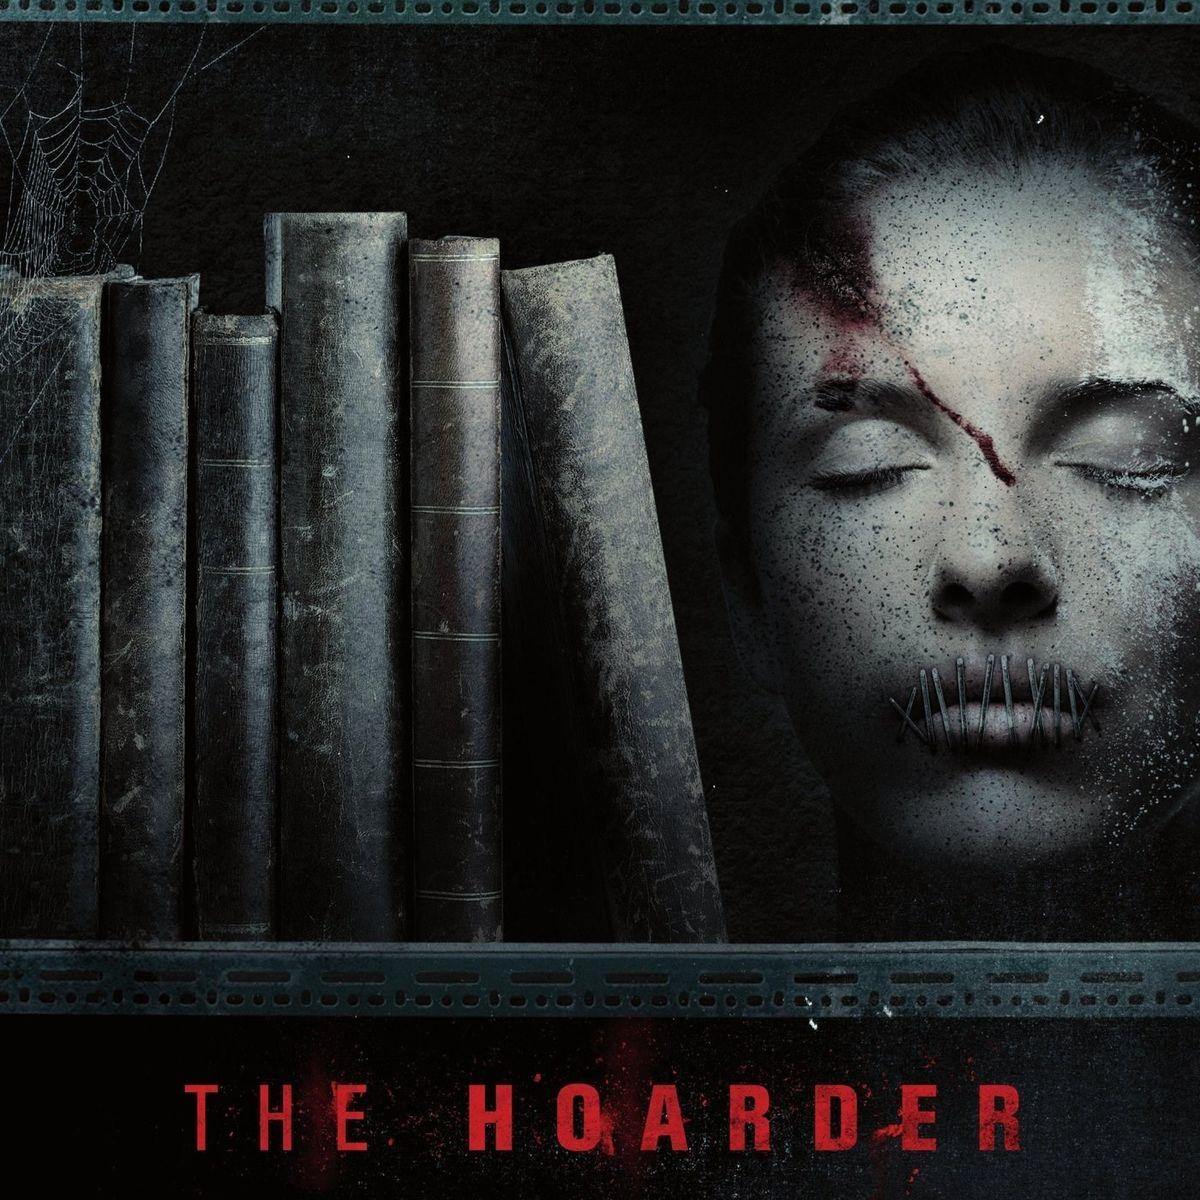 The-Hoarder.jpg